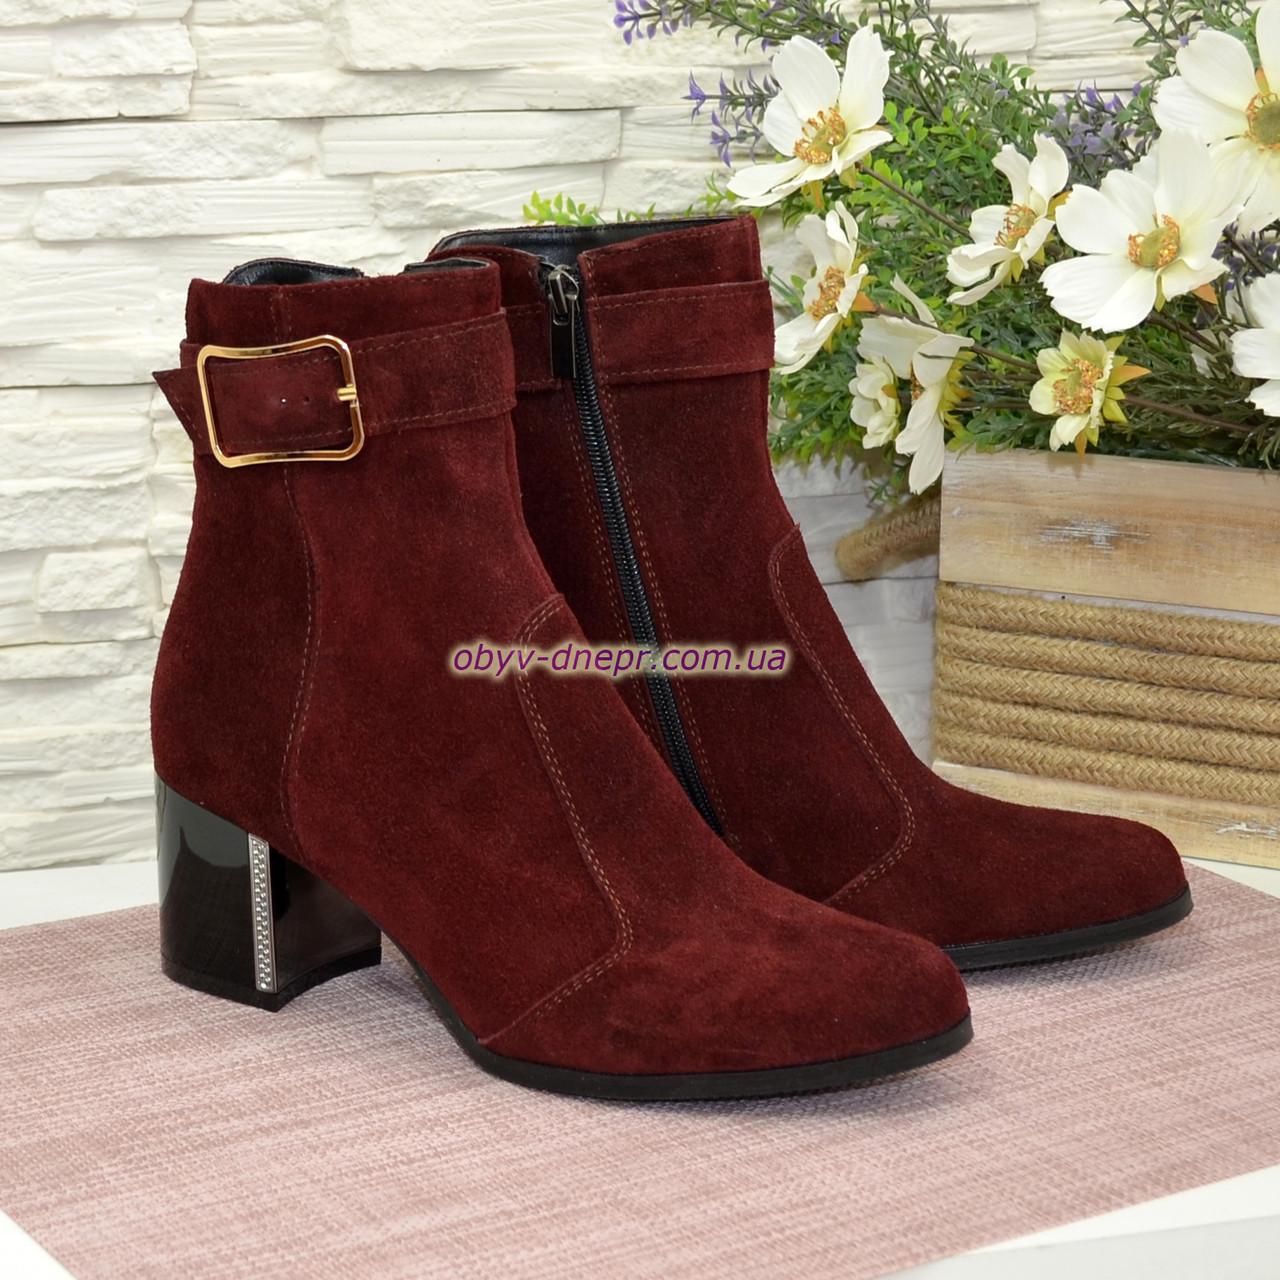 Ботинки демисезонные замшевые на невысоком каблуке, декорированы ремешком. Цвет бордо